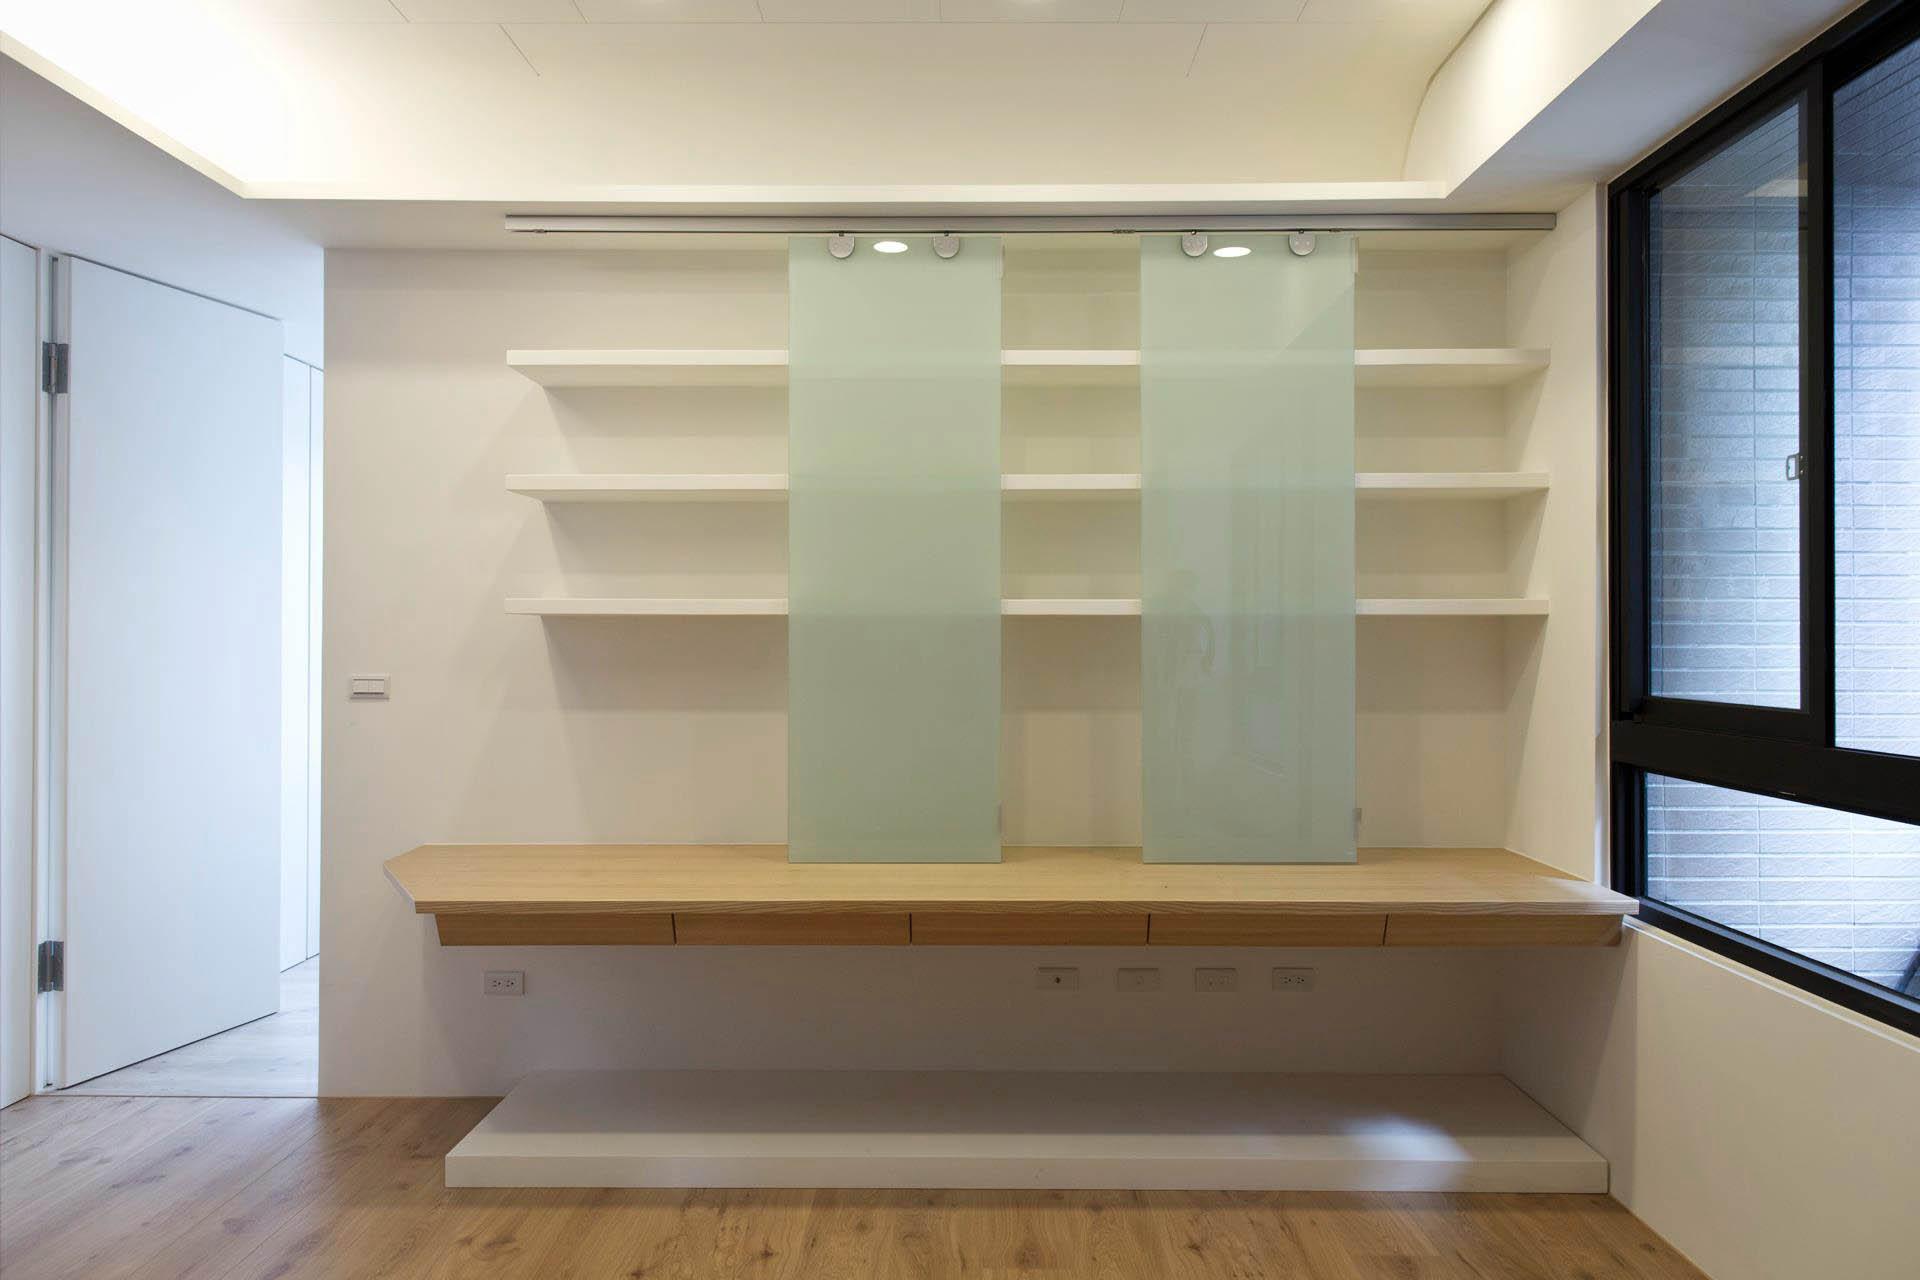 書房。書桌上的兩片可調式門片大概是業主整場設計裡唯一改動的部份,原本我是建議採用牆色木門,但經過溝通後,業主希望改成較為輕盈的玻璃材質。